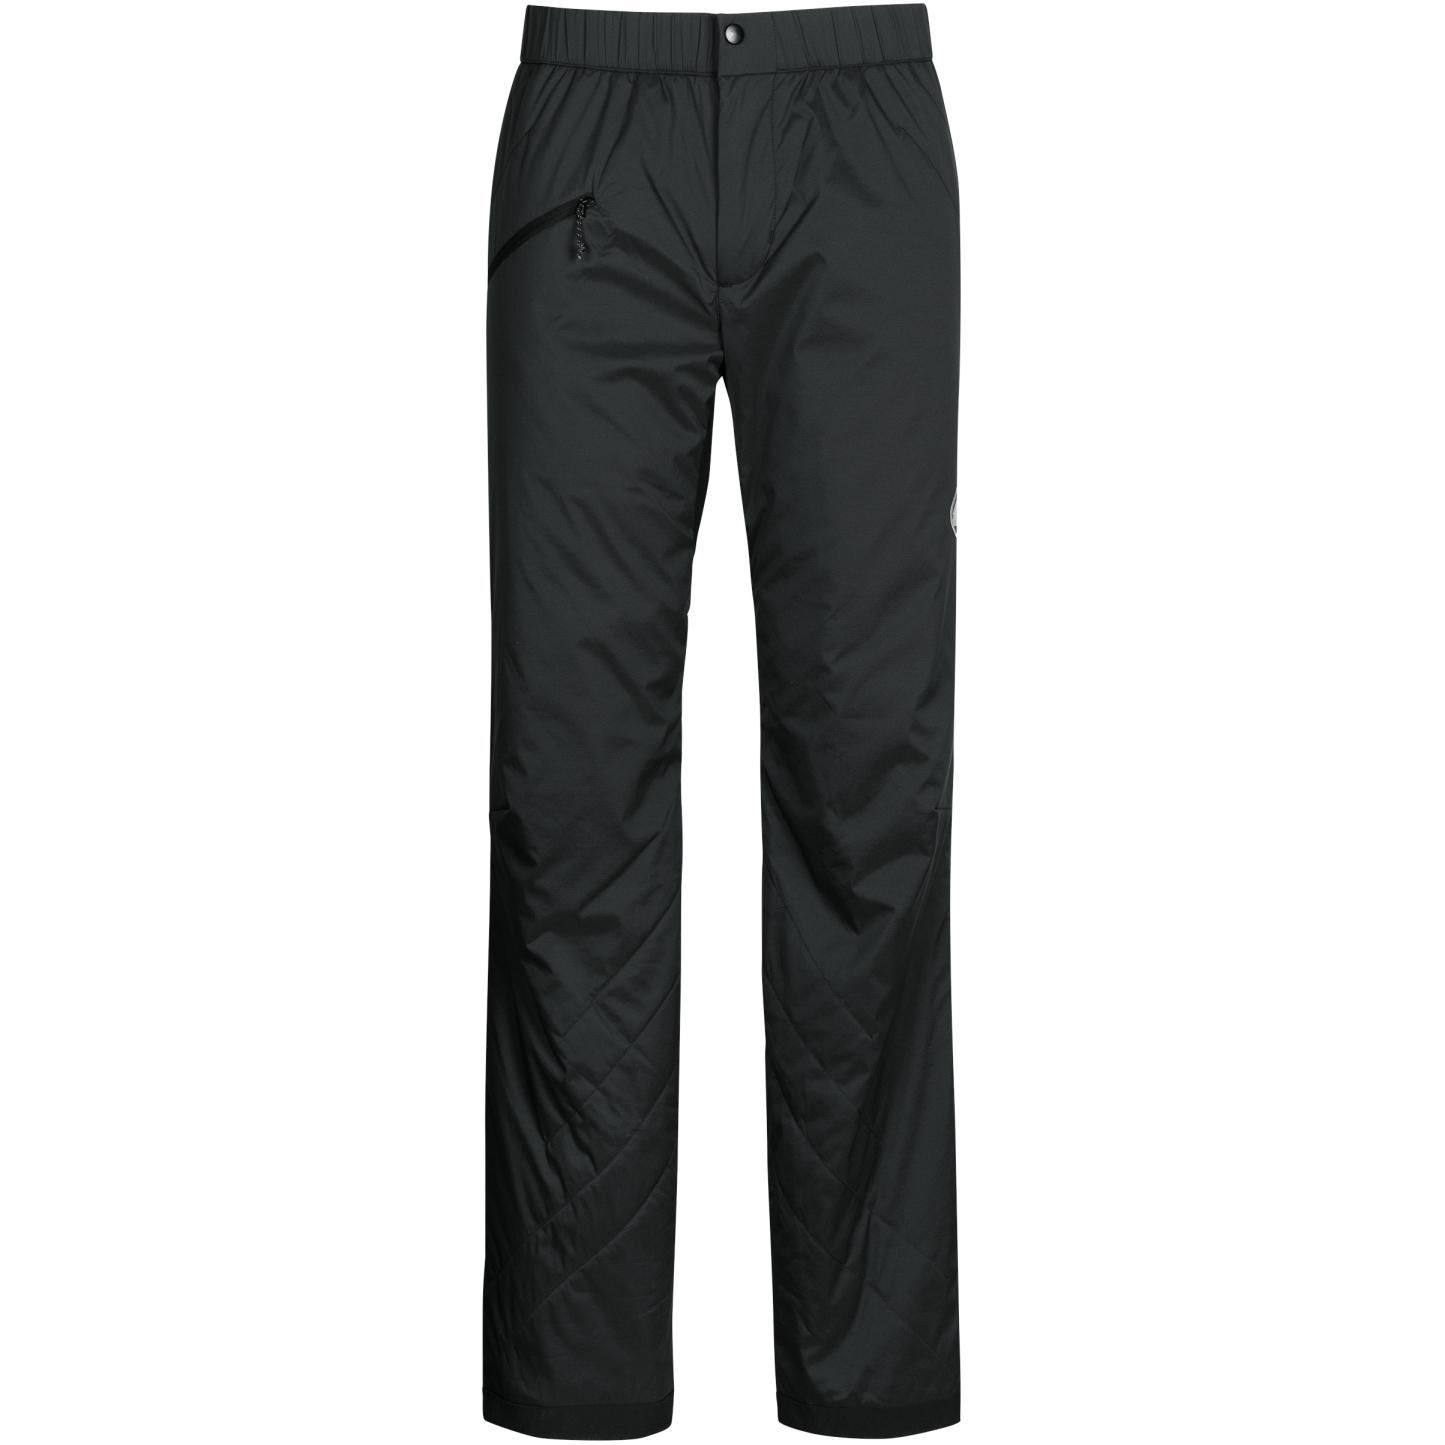 Mammut Eigerjoch Insulated Flex Pants Unisex - black